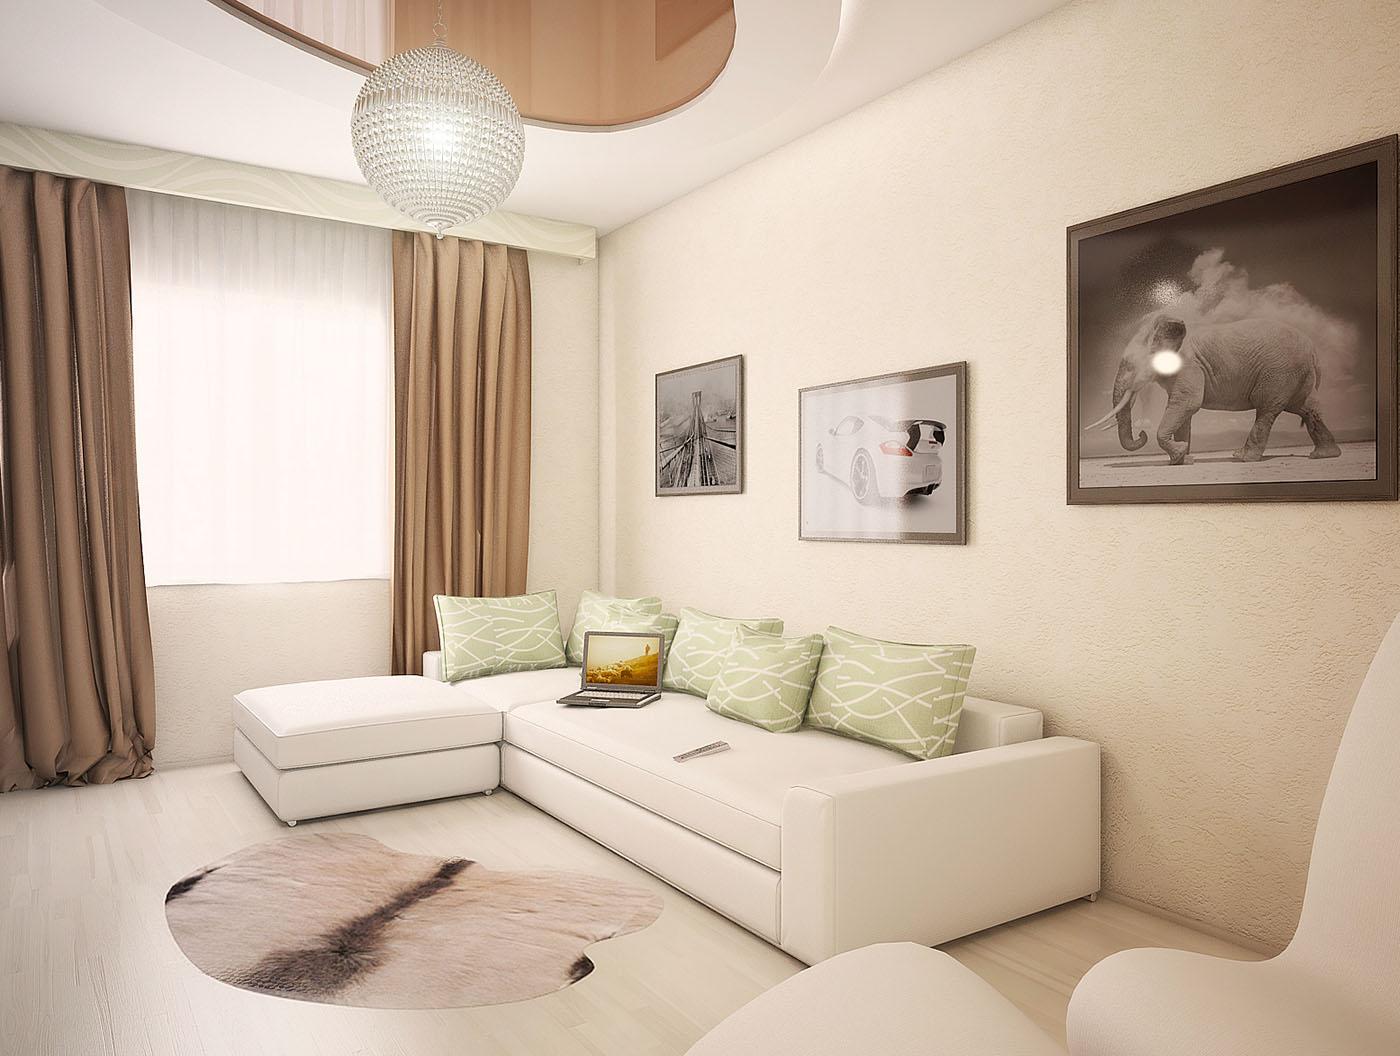 Работа: Ремонт квартир терноп ль - 134398 актуальных